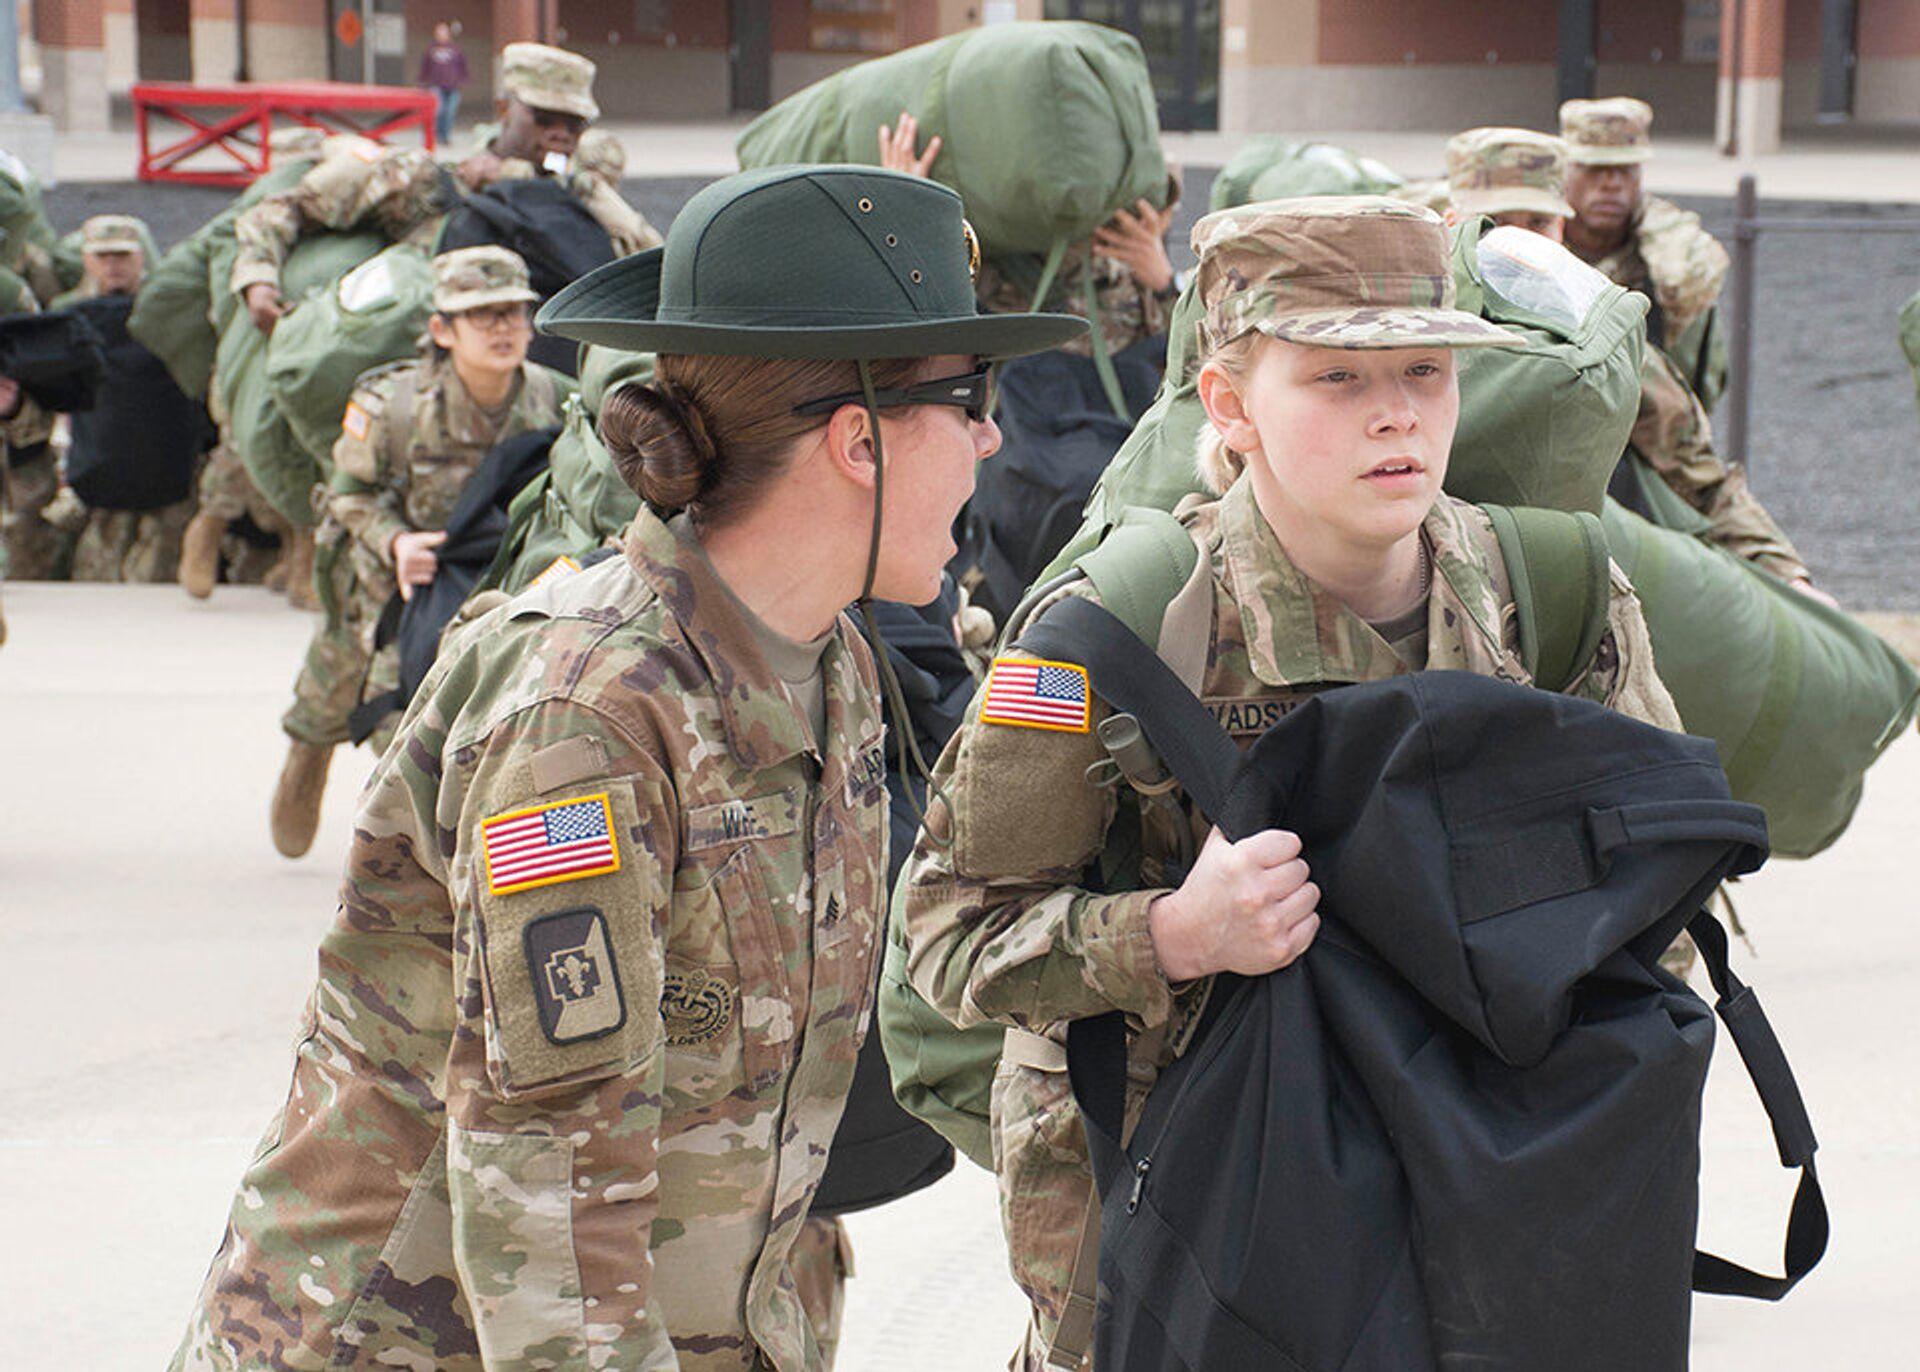 Уорлд-сержант армии США тренирует новобранца новобранца во время учений в Форте Леонард Вуд, штат Миссури, США. 31 января 2017  - РИА Новости, 1920, 28.01.2021